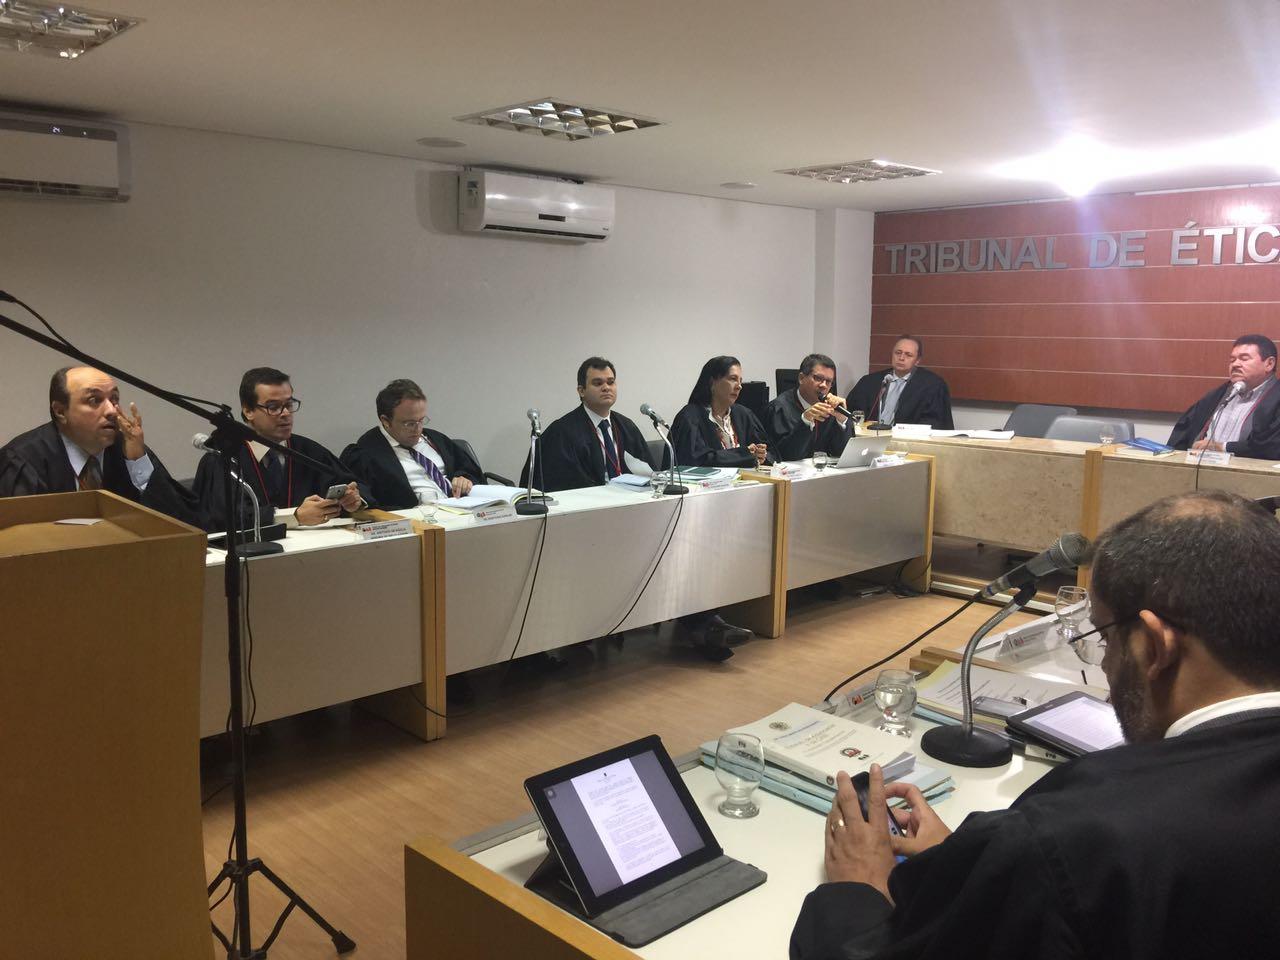 Tribunal de Ética e Disciplina da OAB-PB realiza reunião e julga nove processos